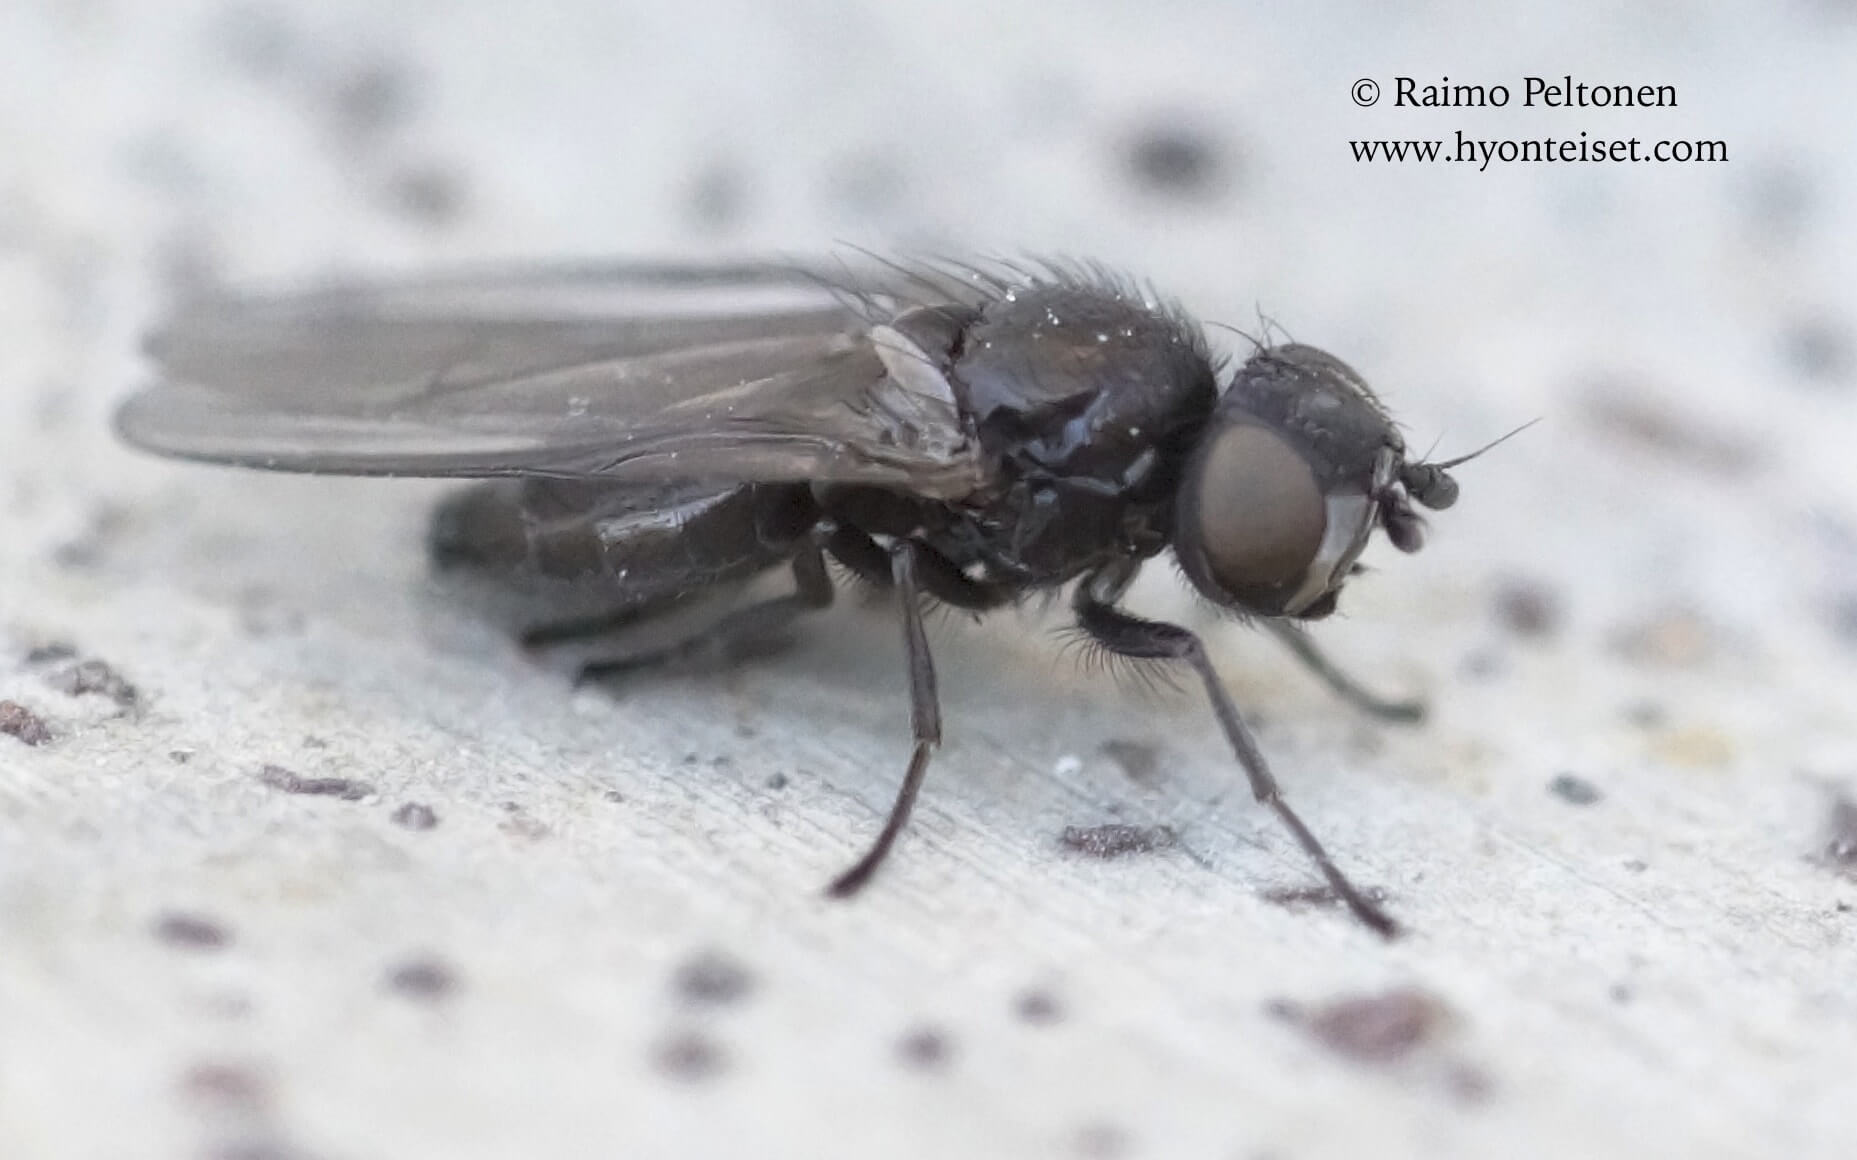 Earomyia lonchaeoides (det. Iain MacGowan), 16.5.2017 Jyväskylä